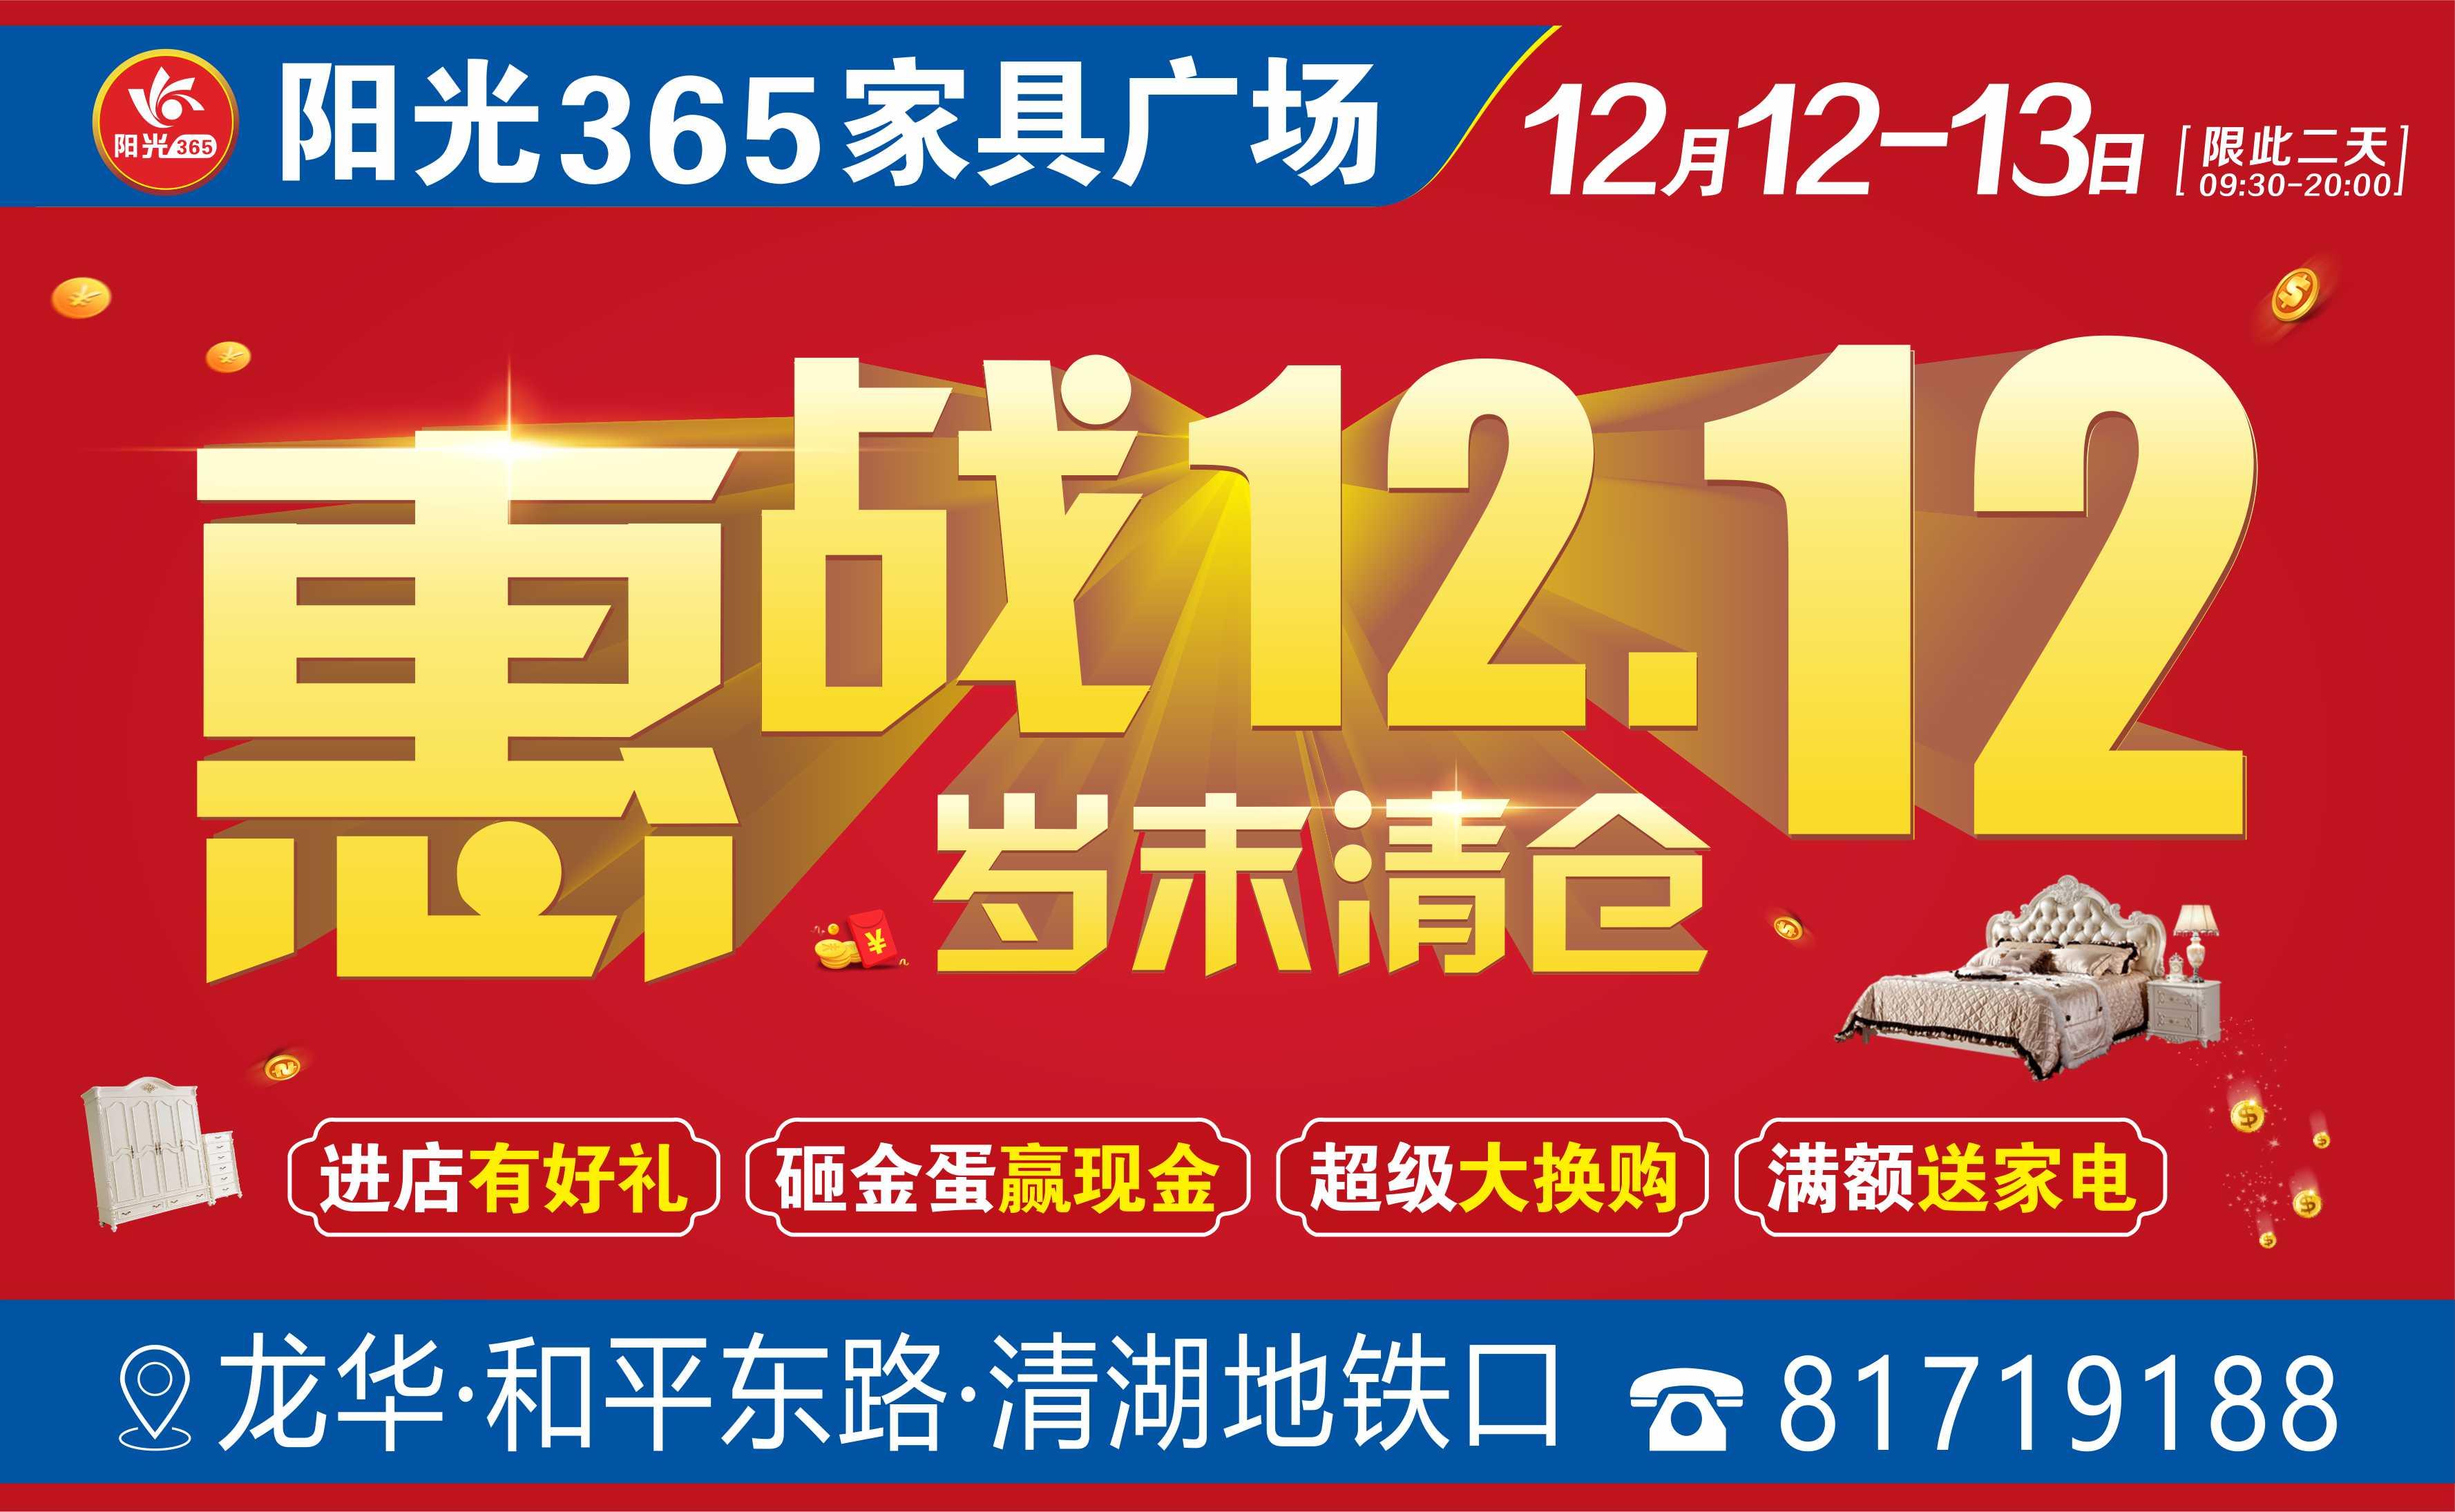 """陽光365家具廣場""""惠戰雙12-歲末清倉"""",家具1折起+家電/現金送不停!"""